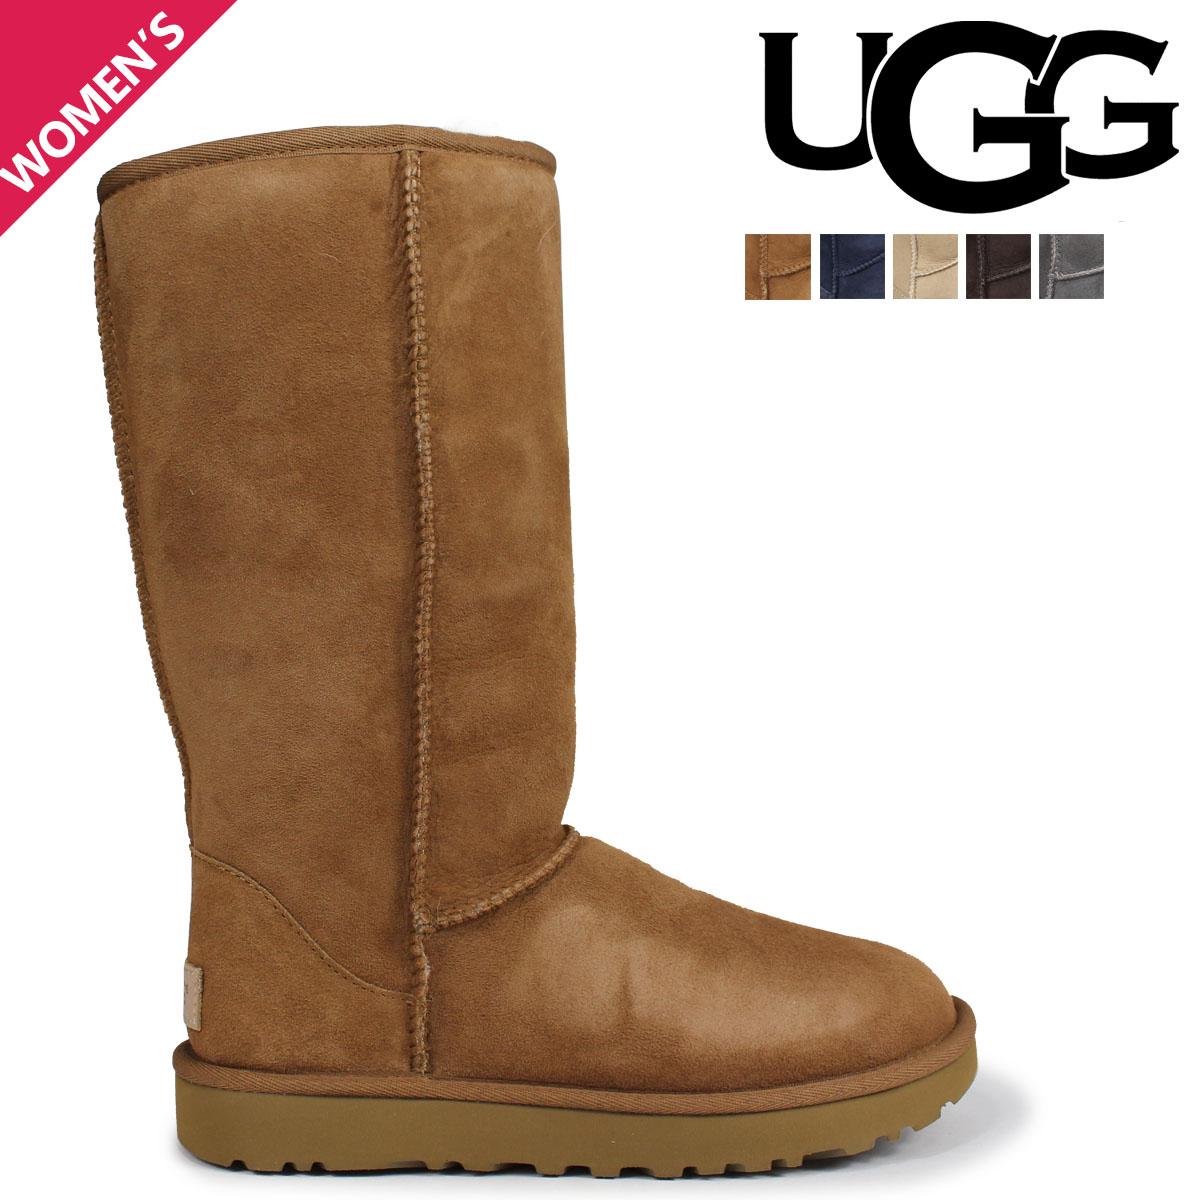 アグ UGG ムートンブーツ クラシック トール 2 レディース WOMENS CLASSIC TALL II 5815 1016224